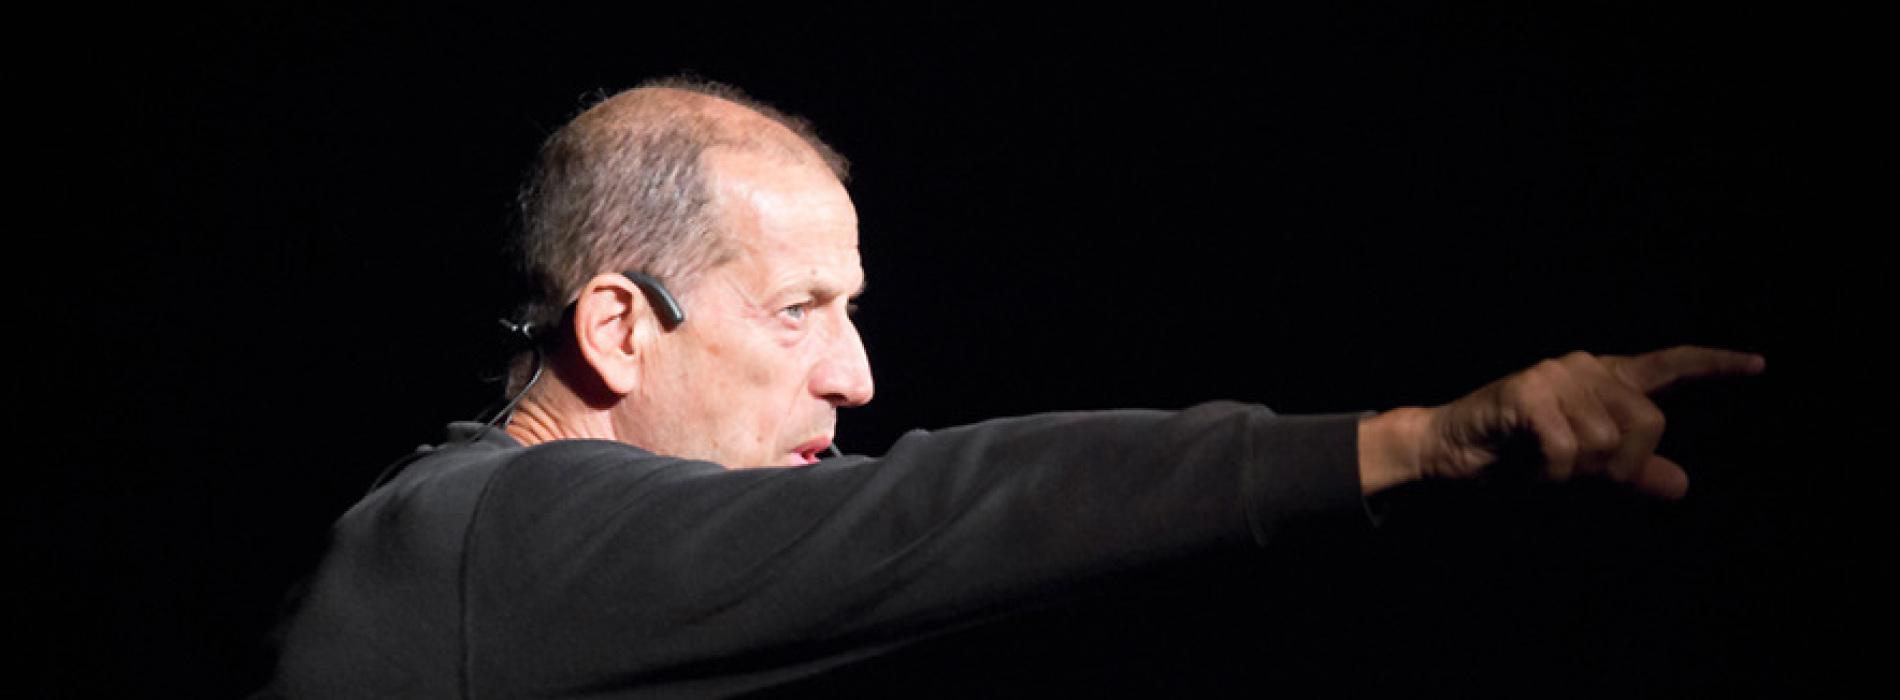 Marco Baliani in scena Teatro Nuovo di Napoli